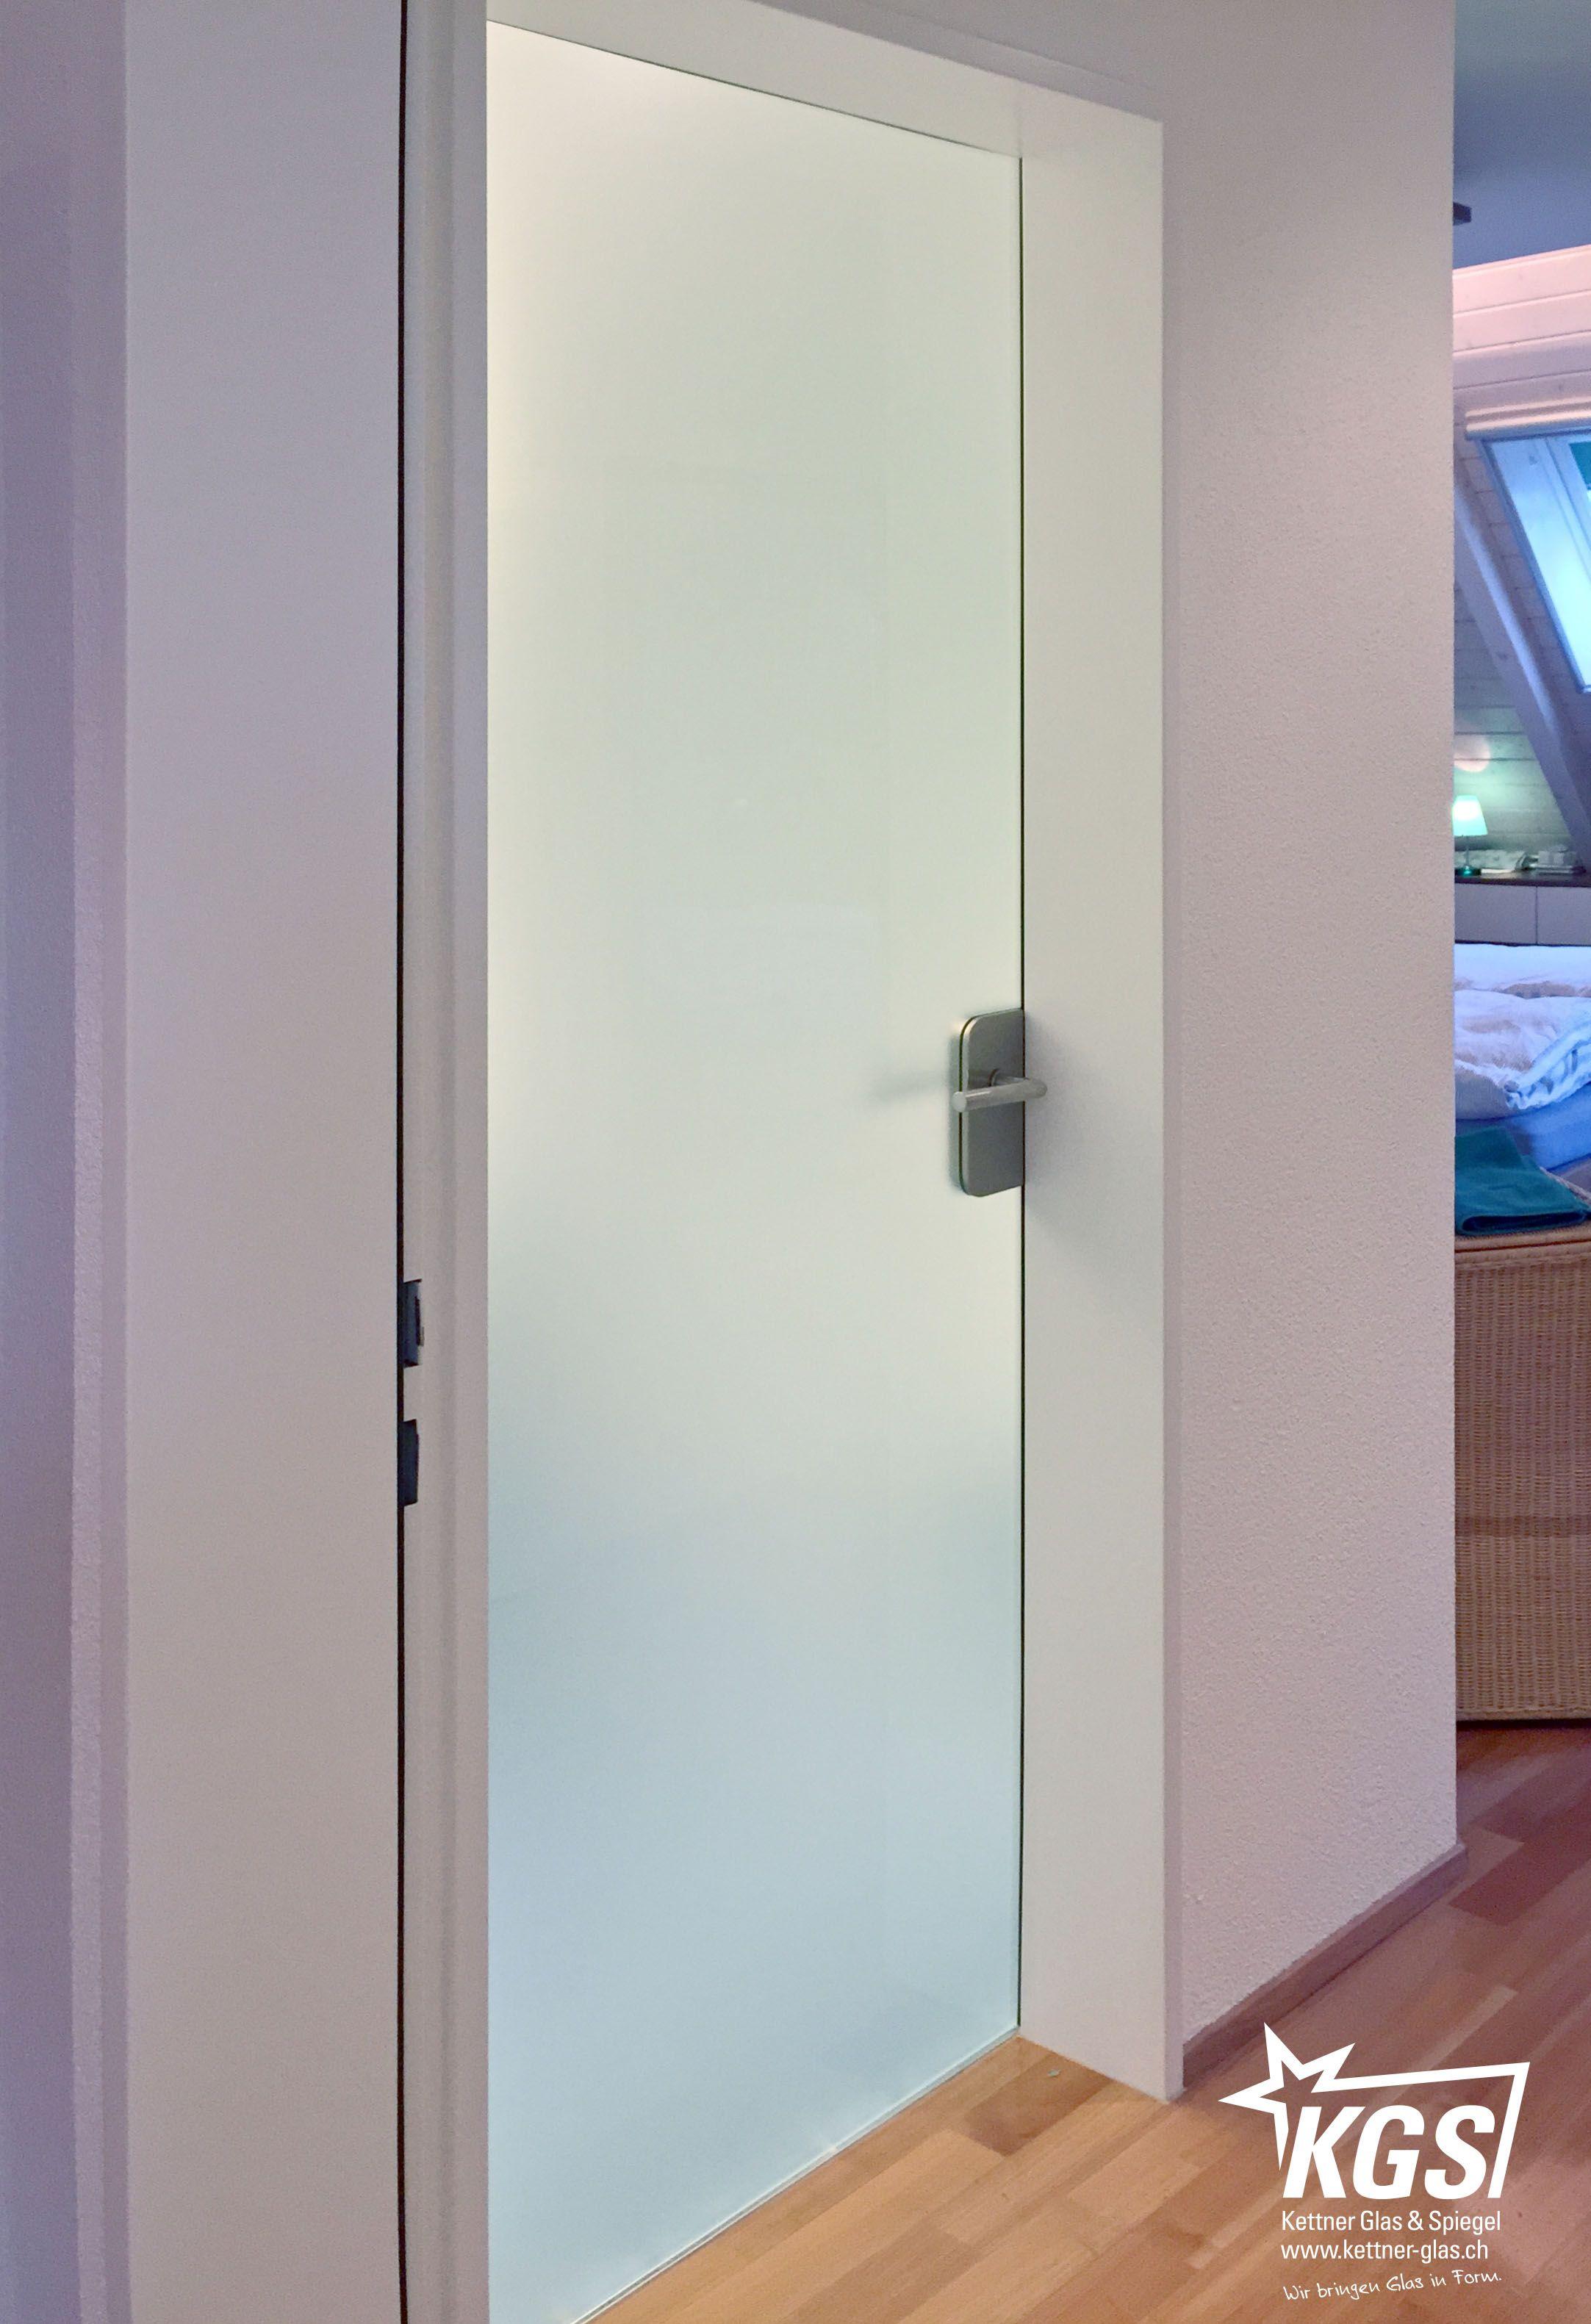 Diamant Satinato Glastüre Als Holztürenersatz Für Glastüre Zwischen  Badezimmer Und Schlafzimmer Mit Dorma